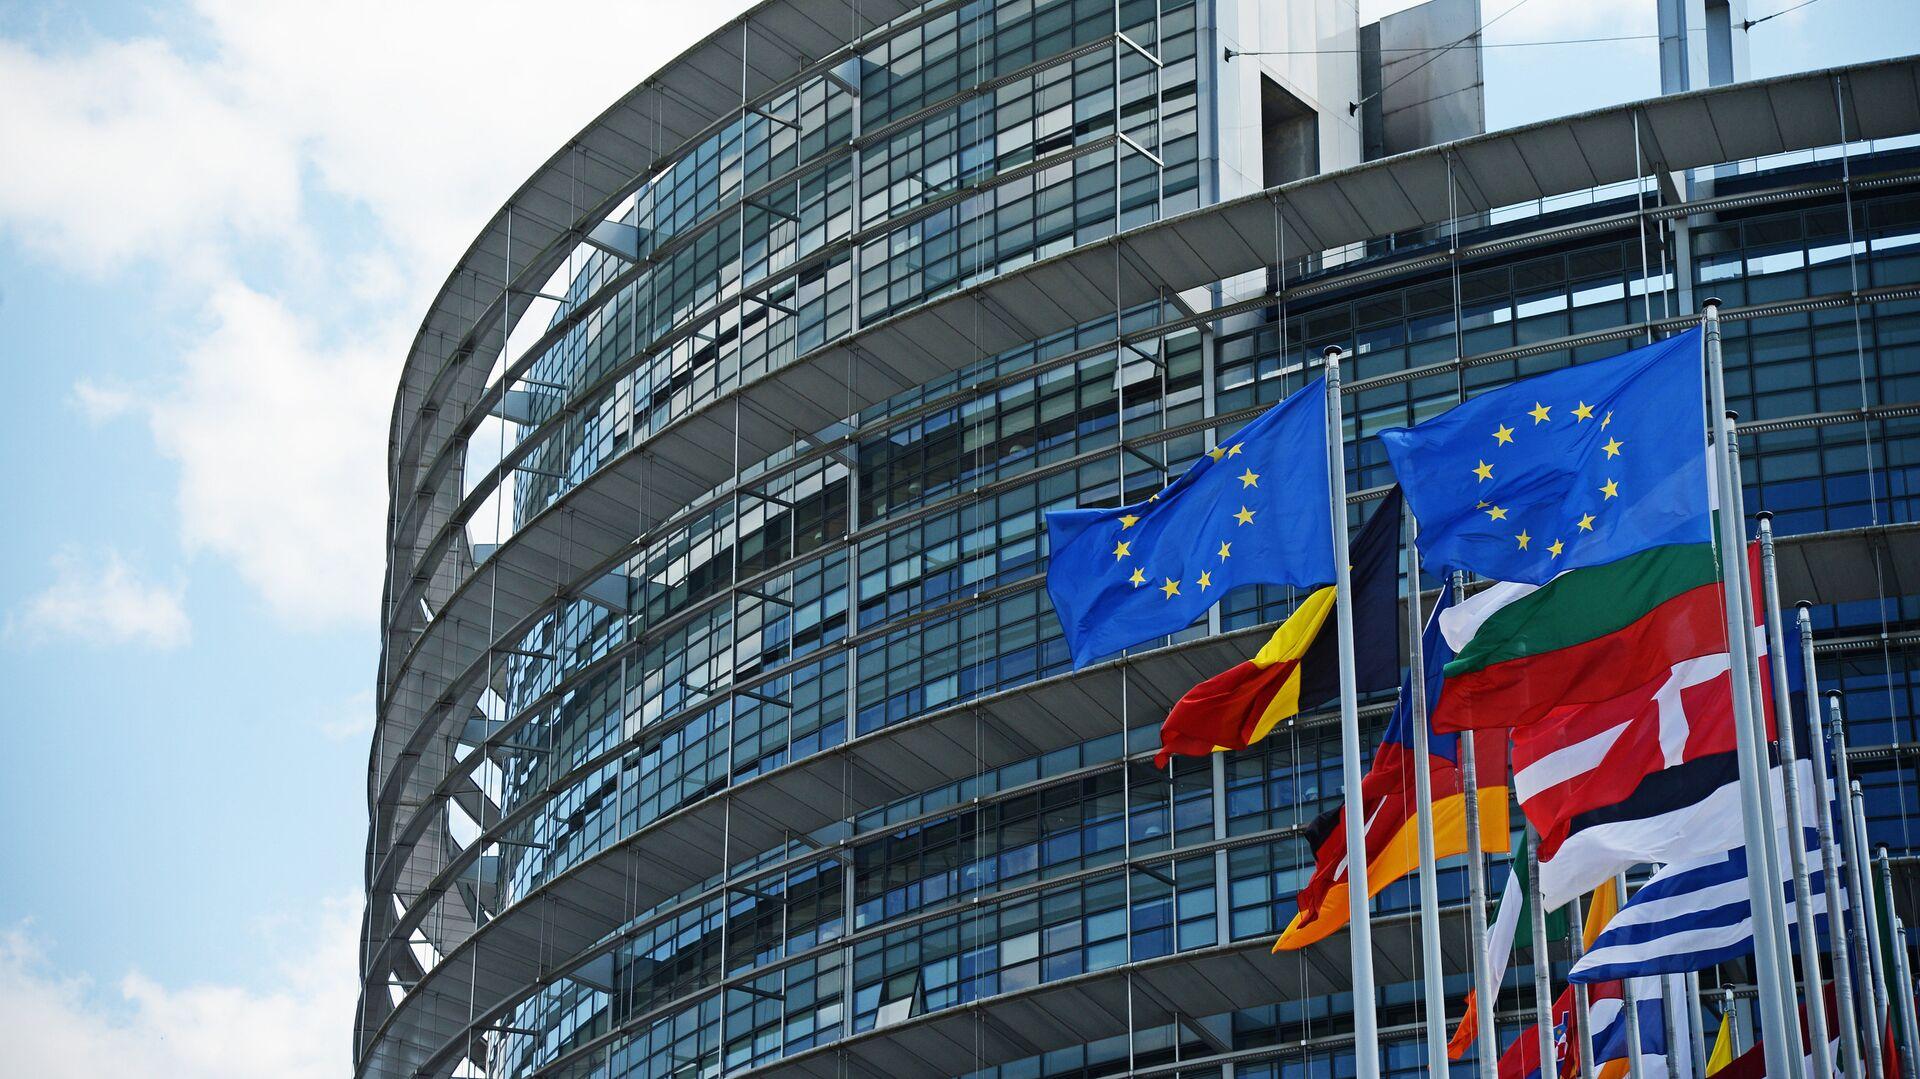 Флаги ЕС у здания Европейского парламента в Страсбурге - РИА Новости, 1920, 21.01.2021